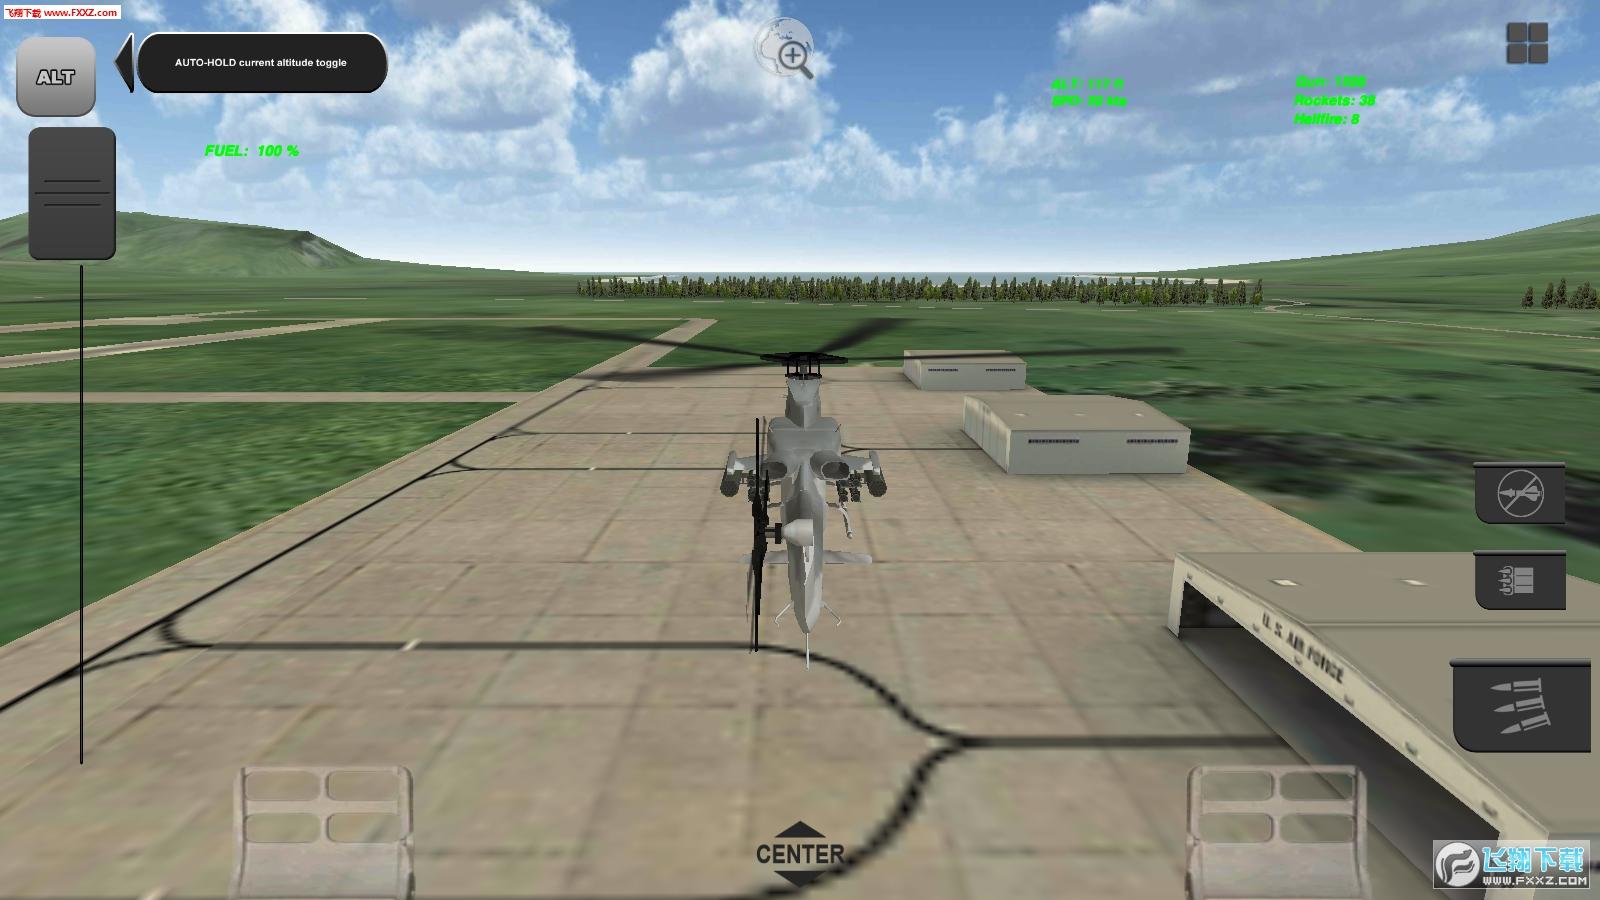 直升机飞行模拟器手游1.0.3截图1